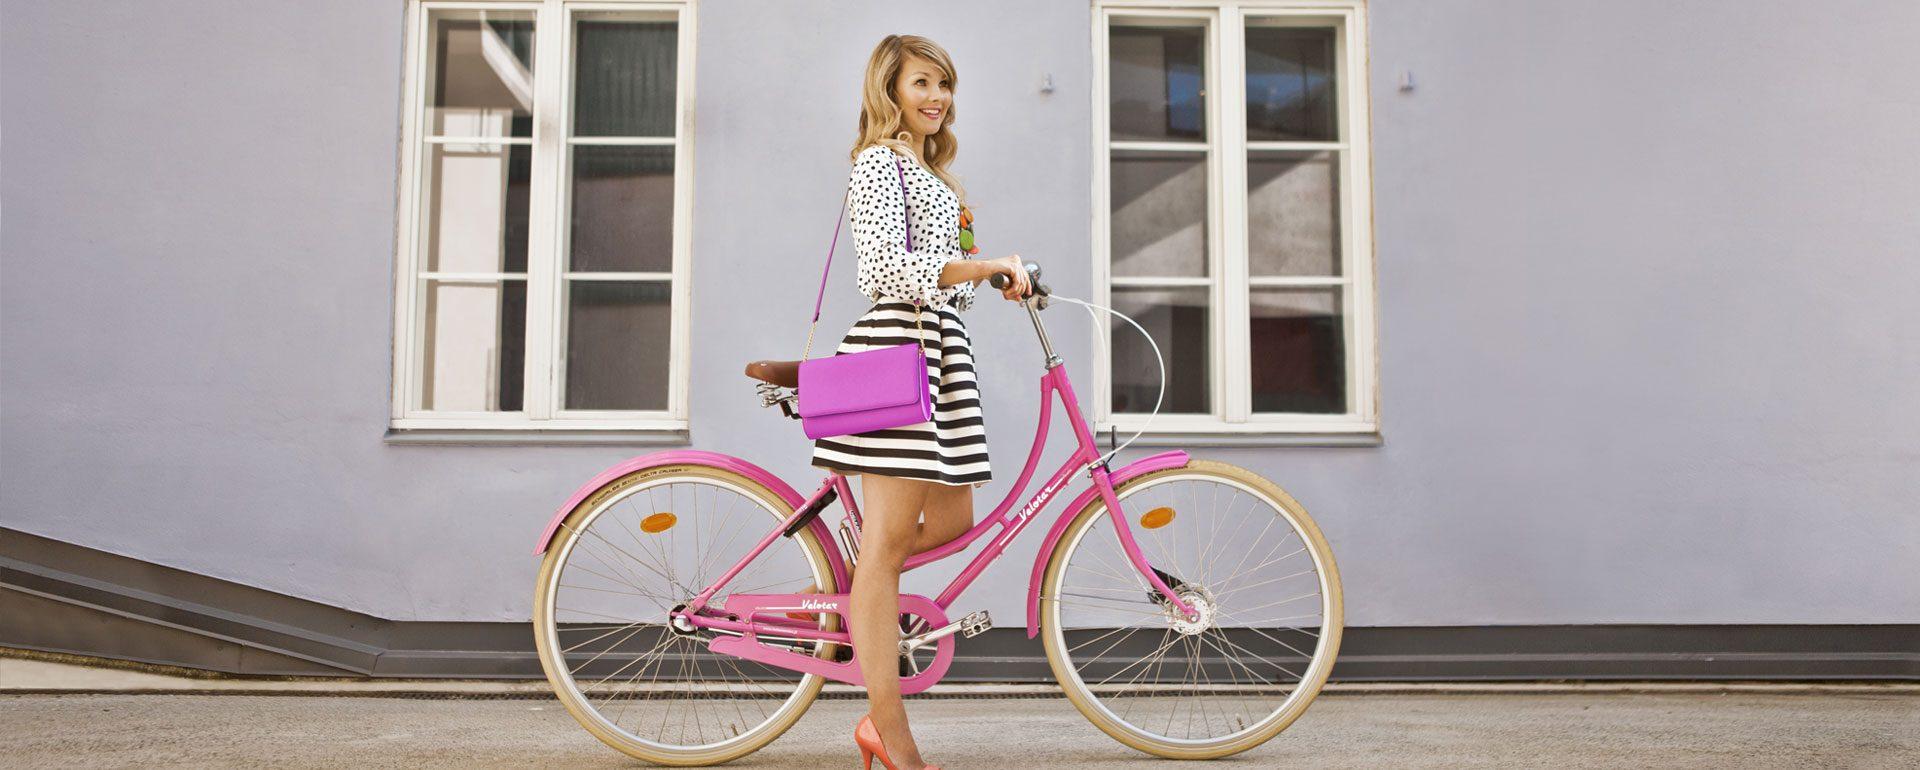 Helkama cykel